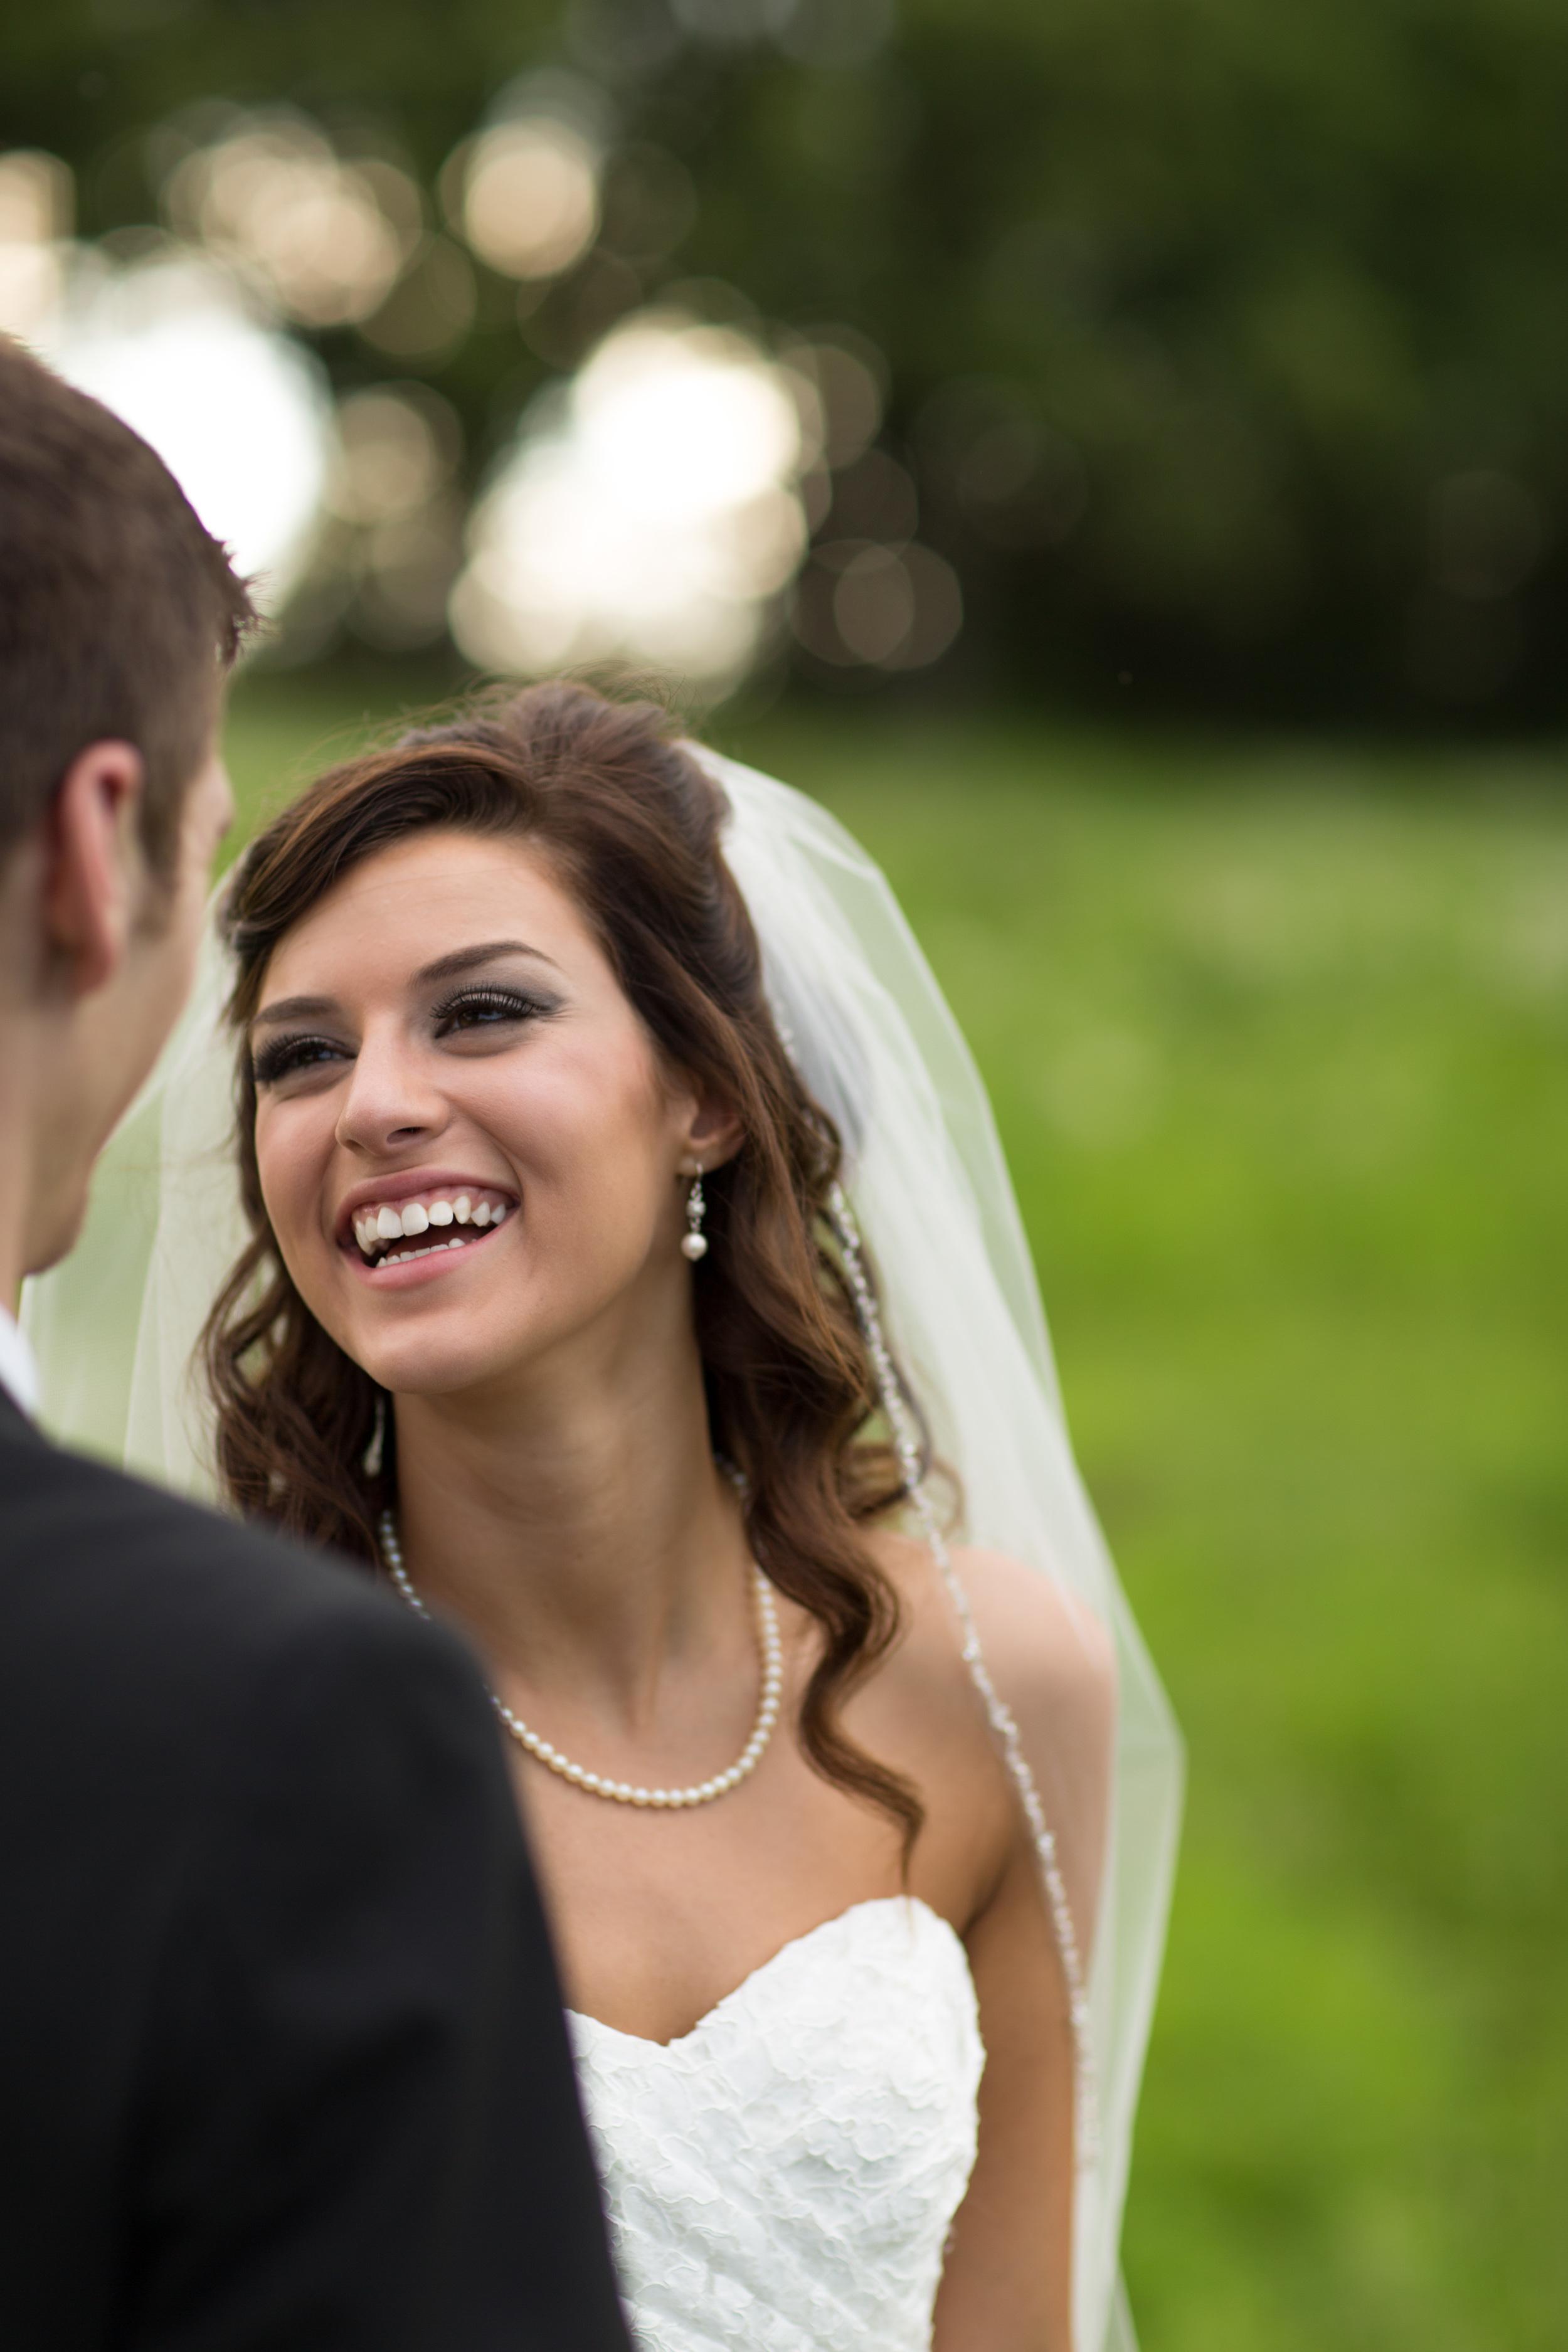 Jessica_McBroom_Komorebi_Weddings-8383.jpg